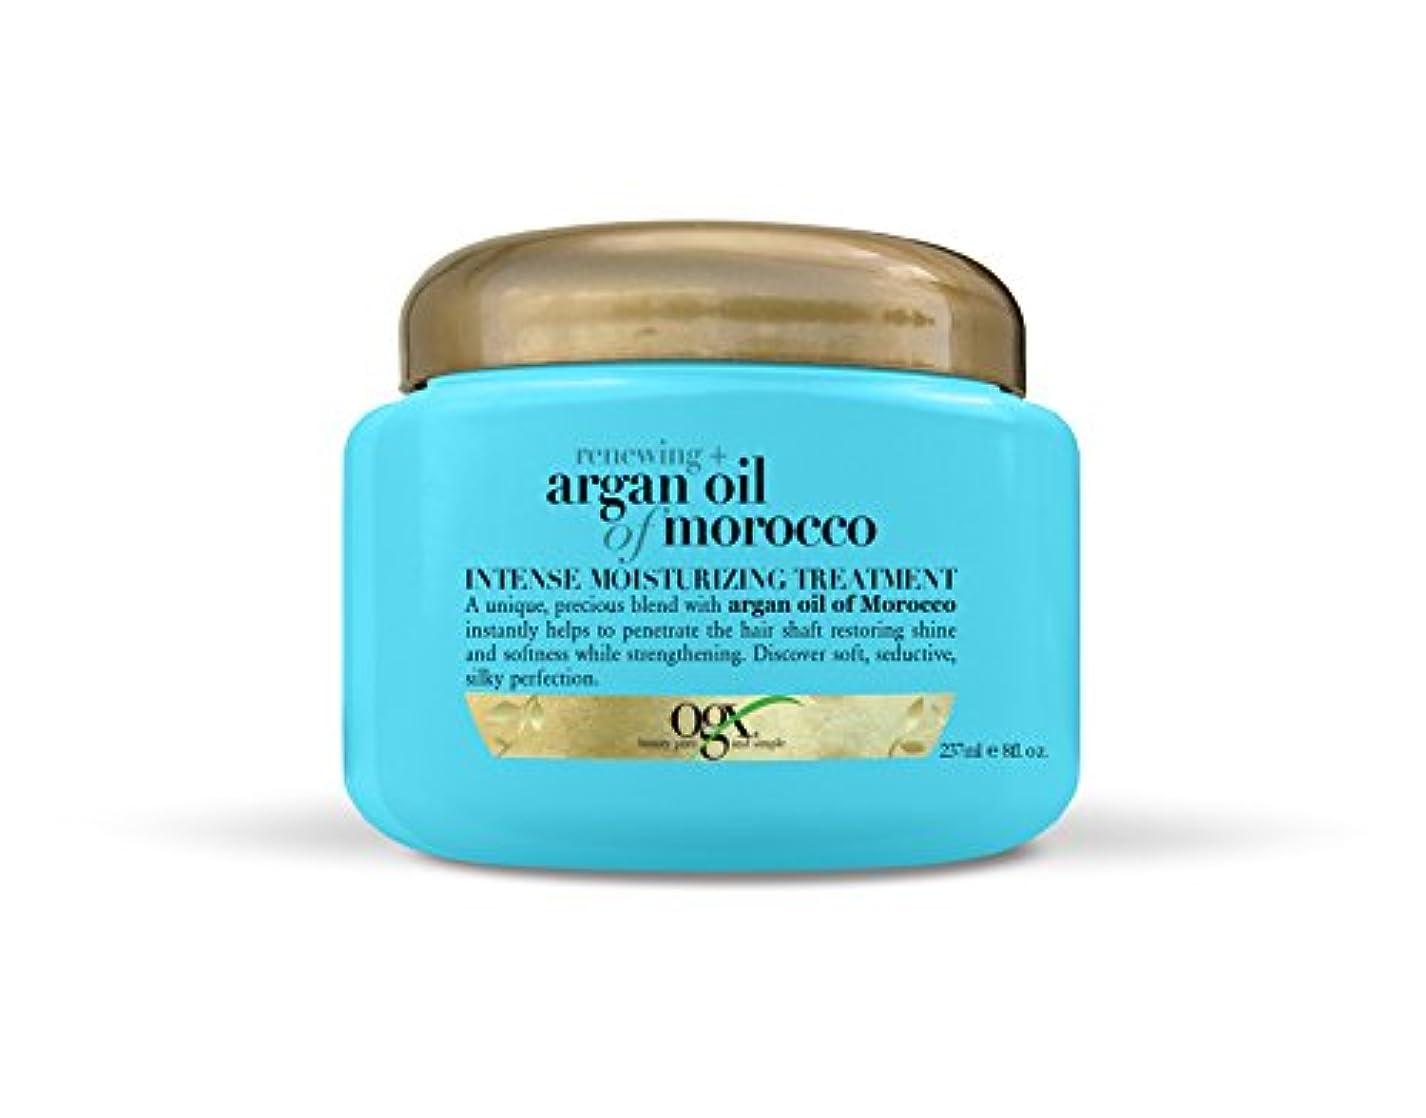 感性キネマティクス知り合いになるOrganix Moroccan Argan Oil Treatment 226g Jar (並行輸入品)